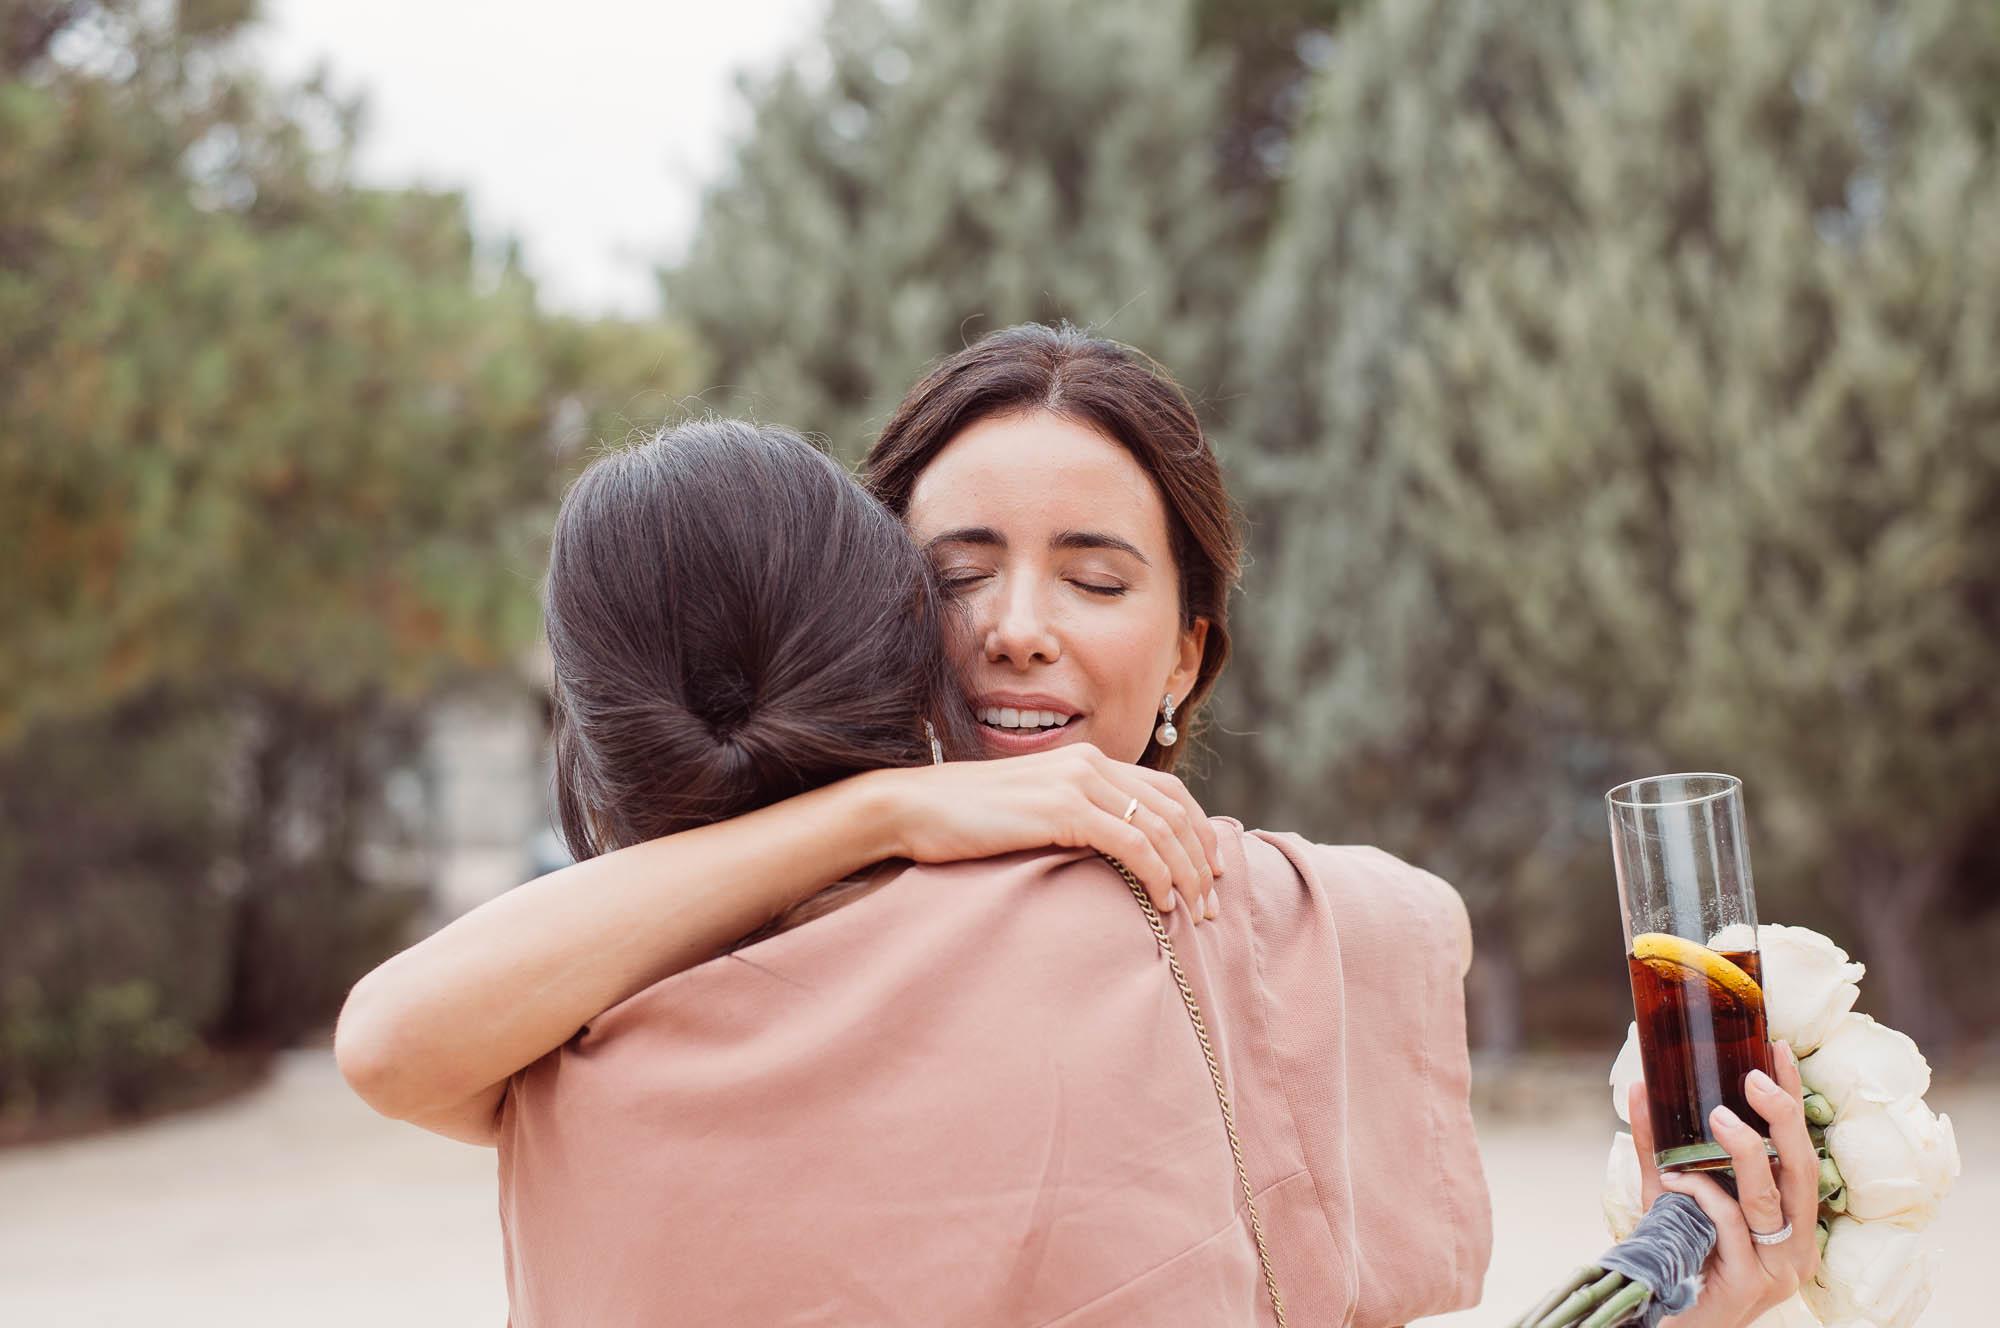 La novia abraza a su amiga